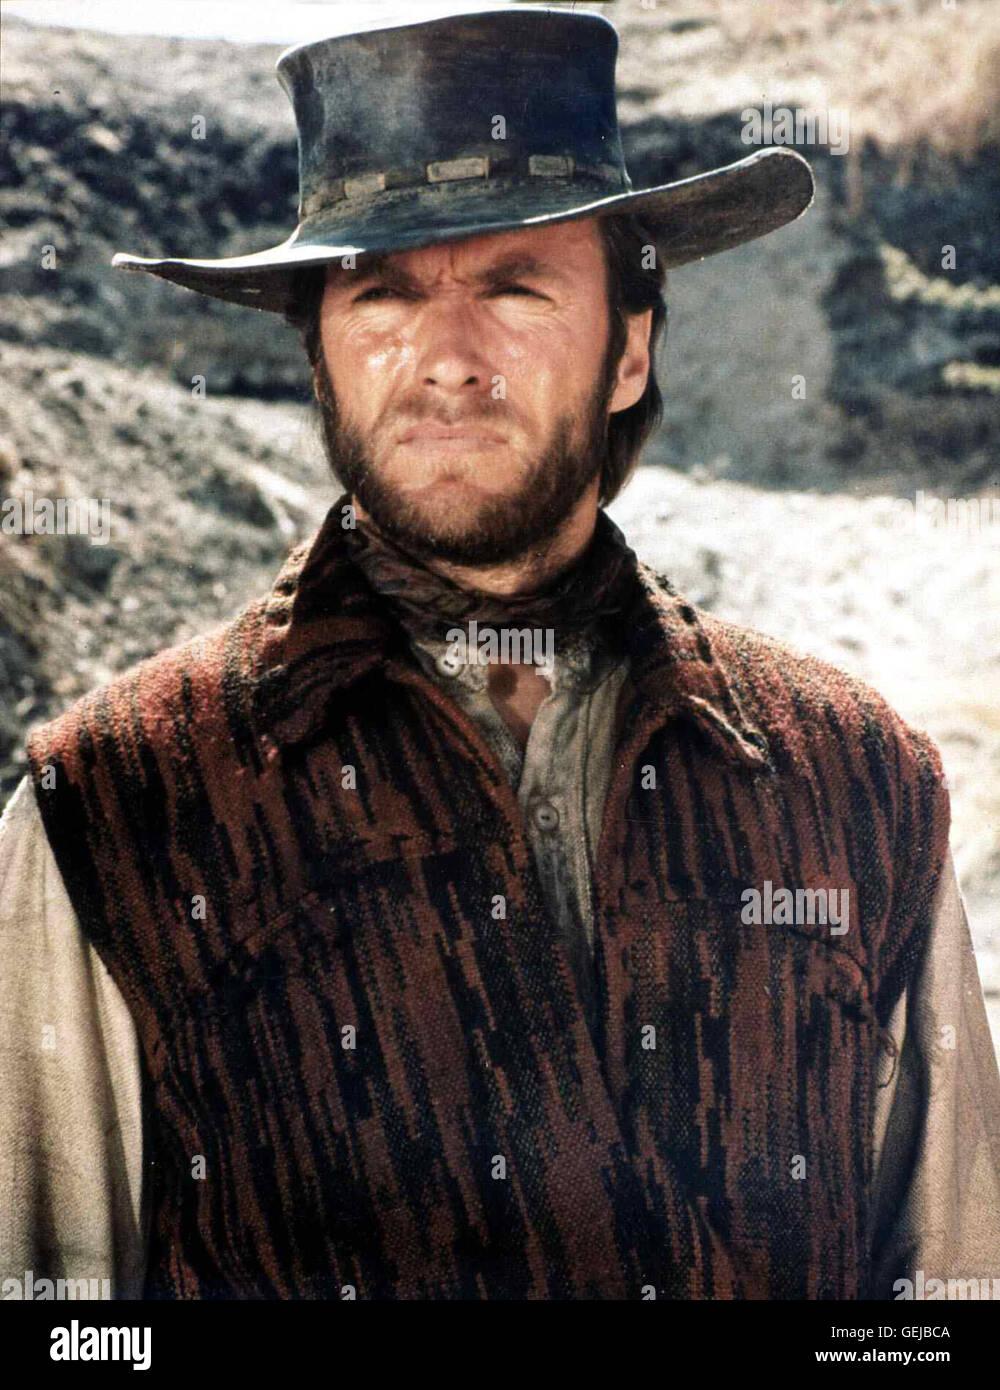 Clint Eastwood Der Amerikanische Soldner Hogan Clint Eastwood Ist